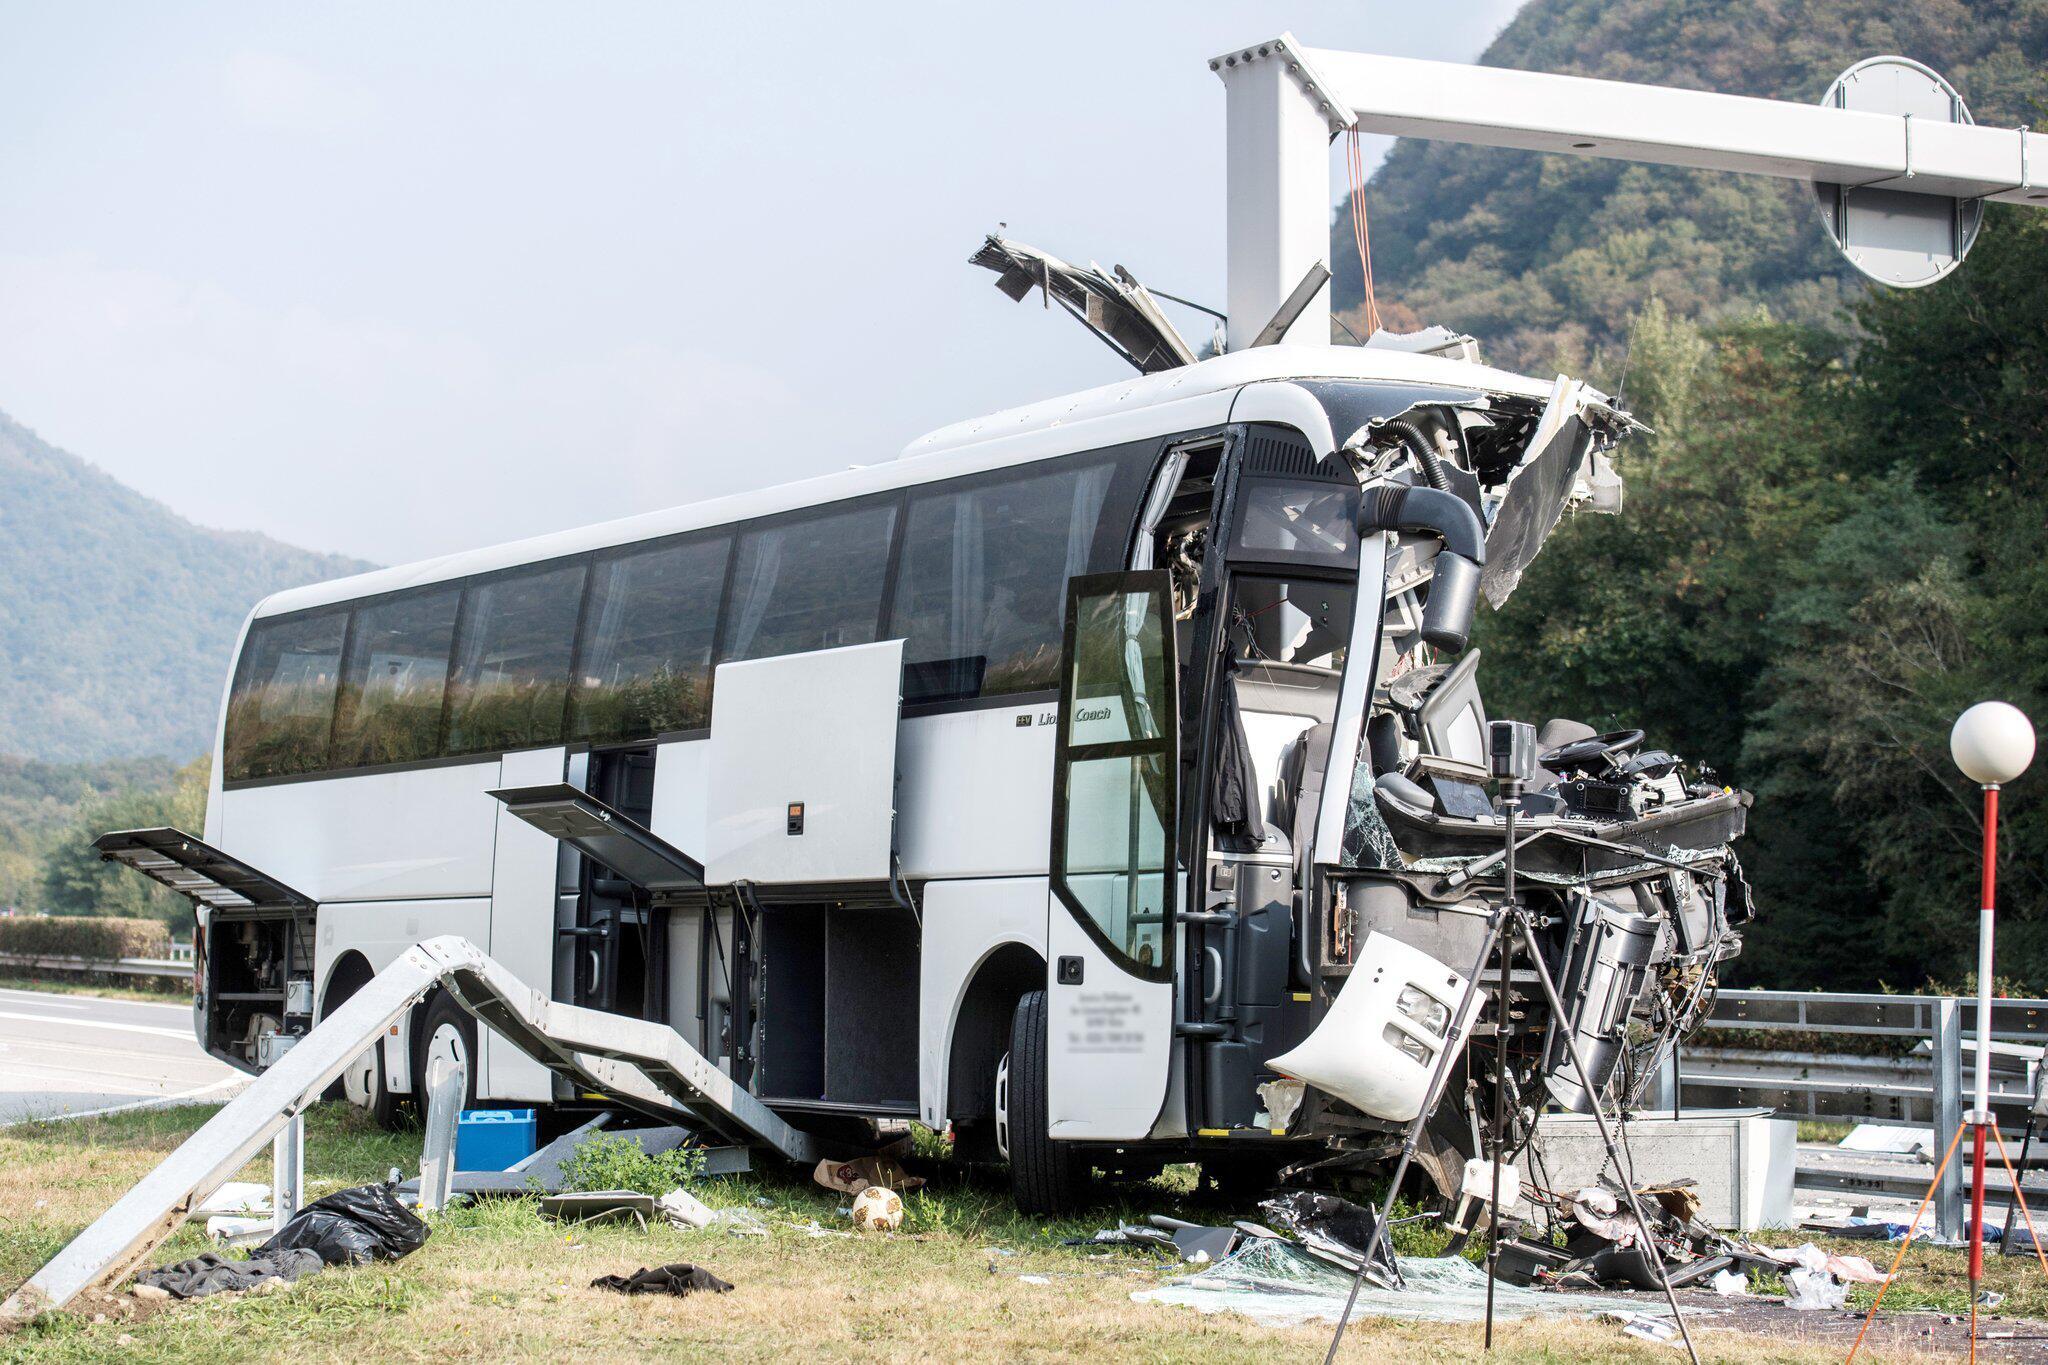 Bild zu Deutscher Reisebus in der Schweiz verunglückt